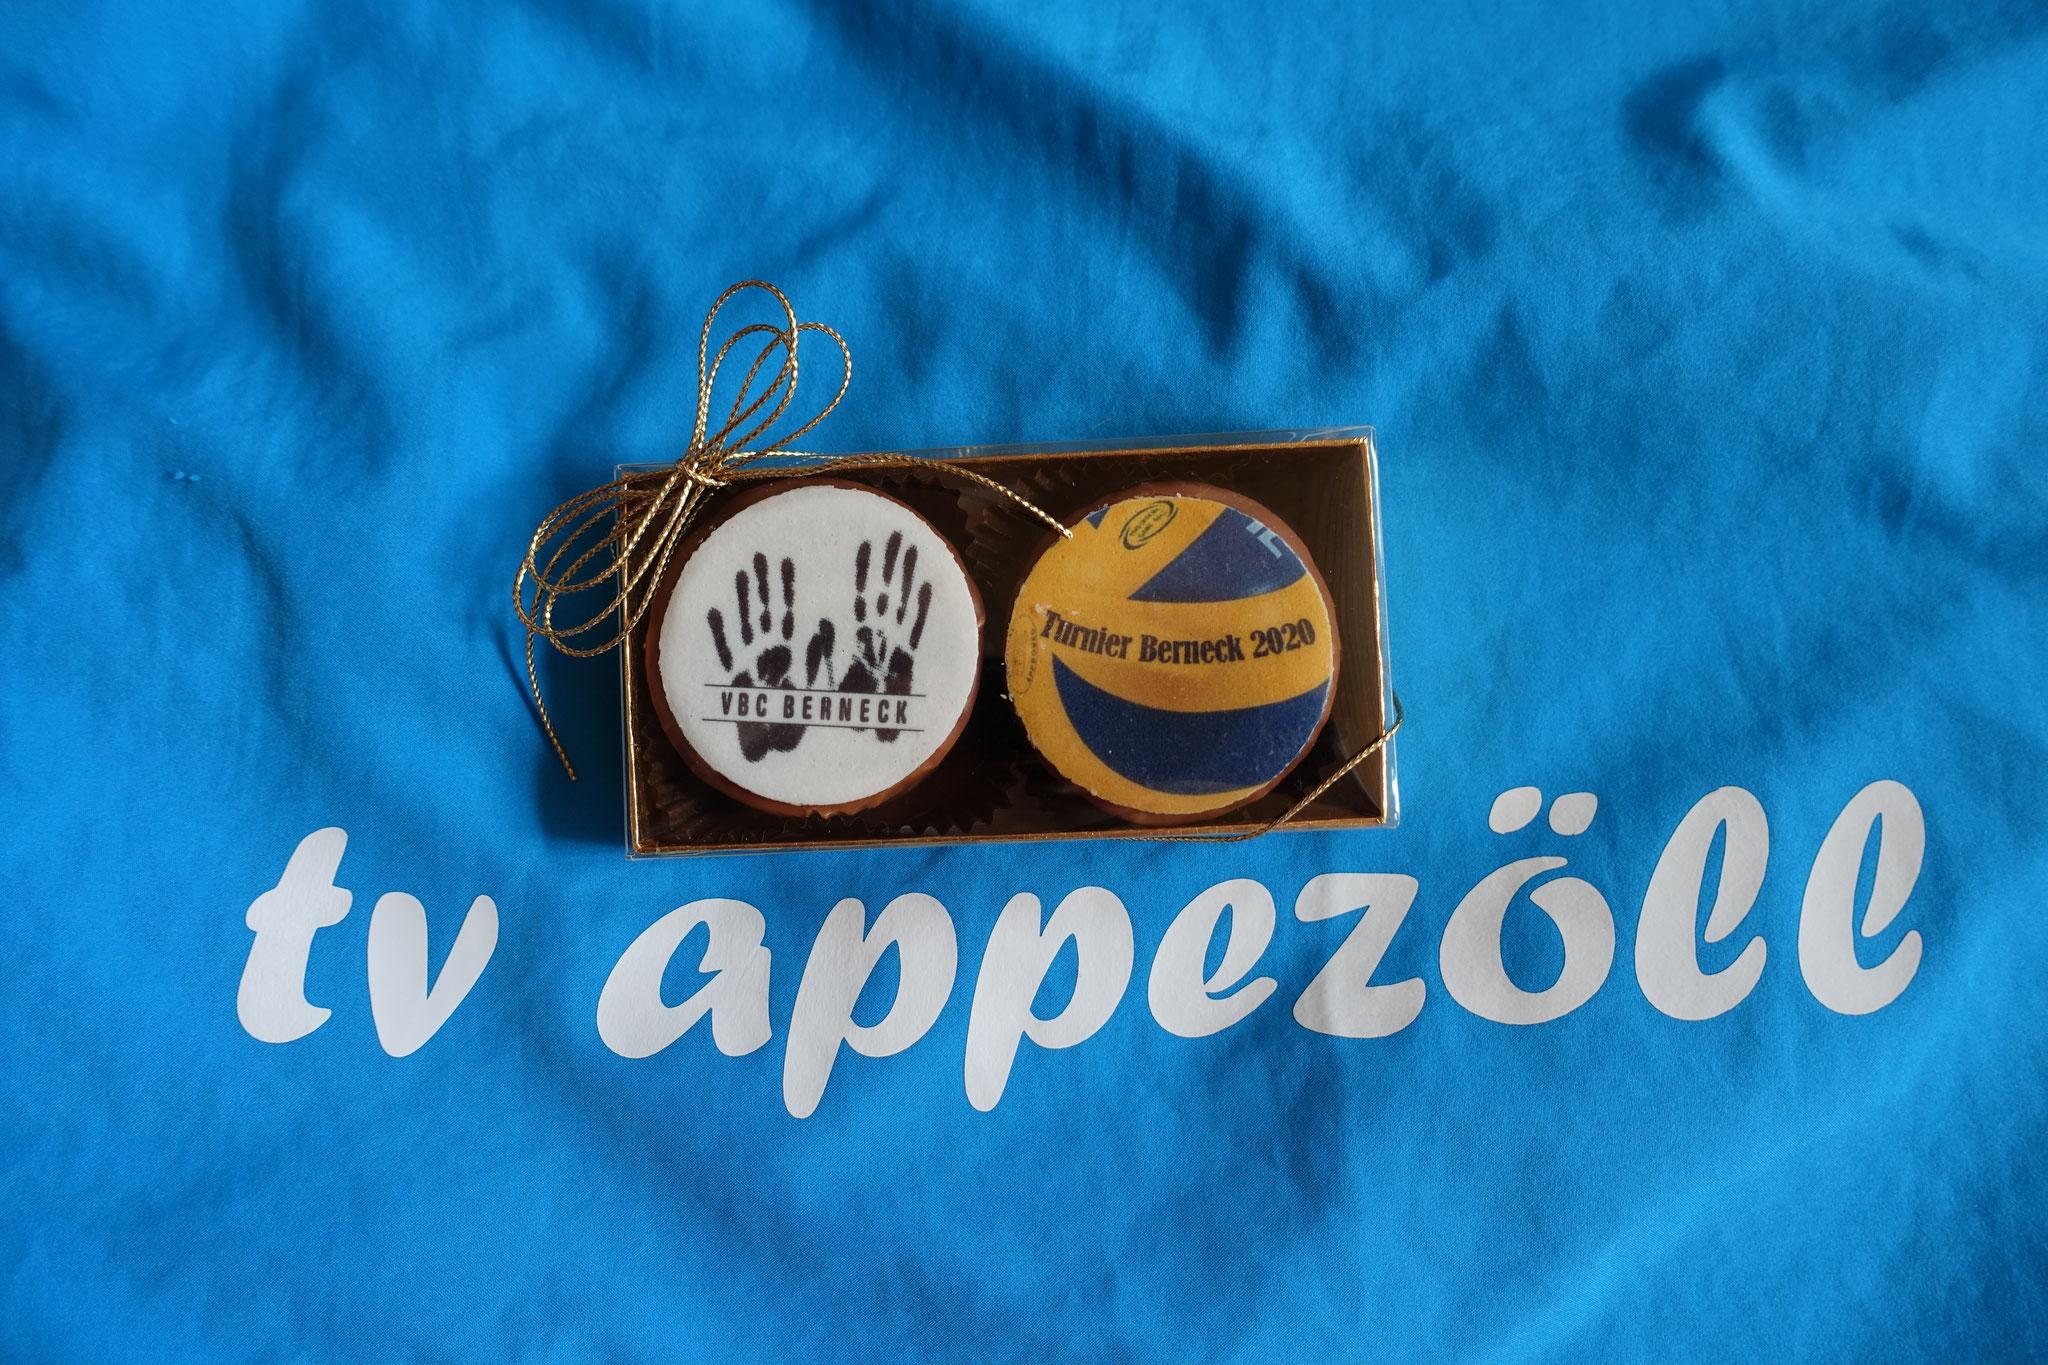 2. Platz für TV Appenzell